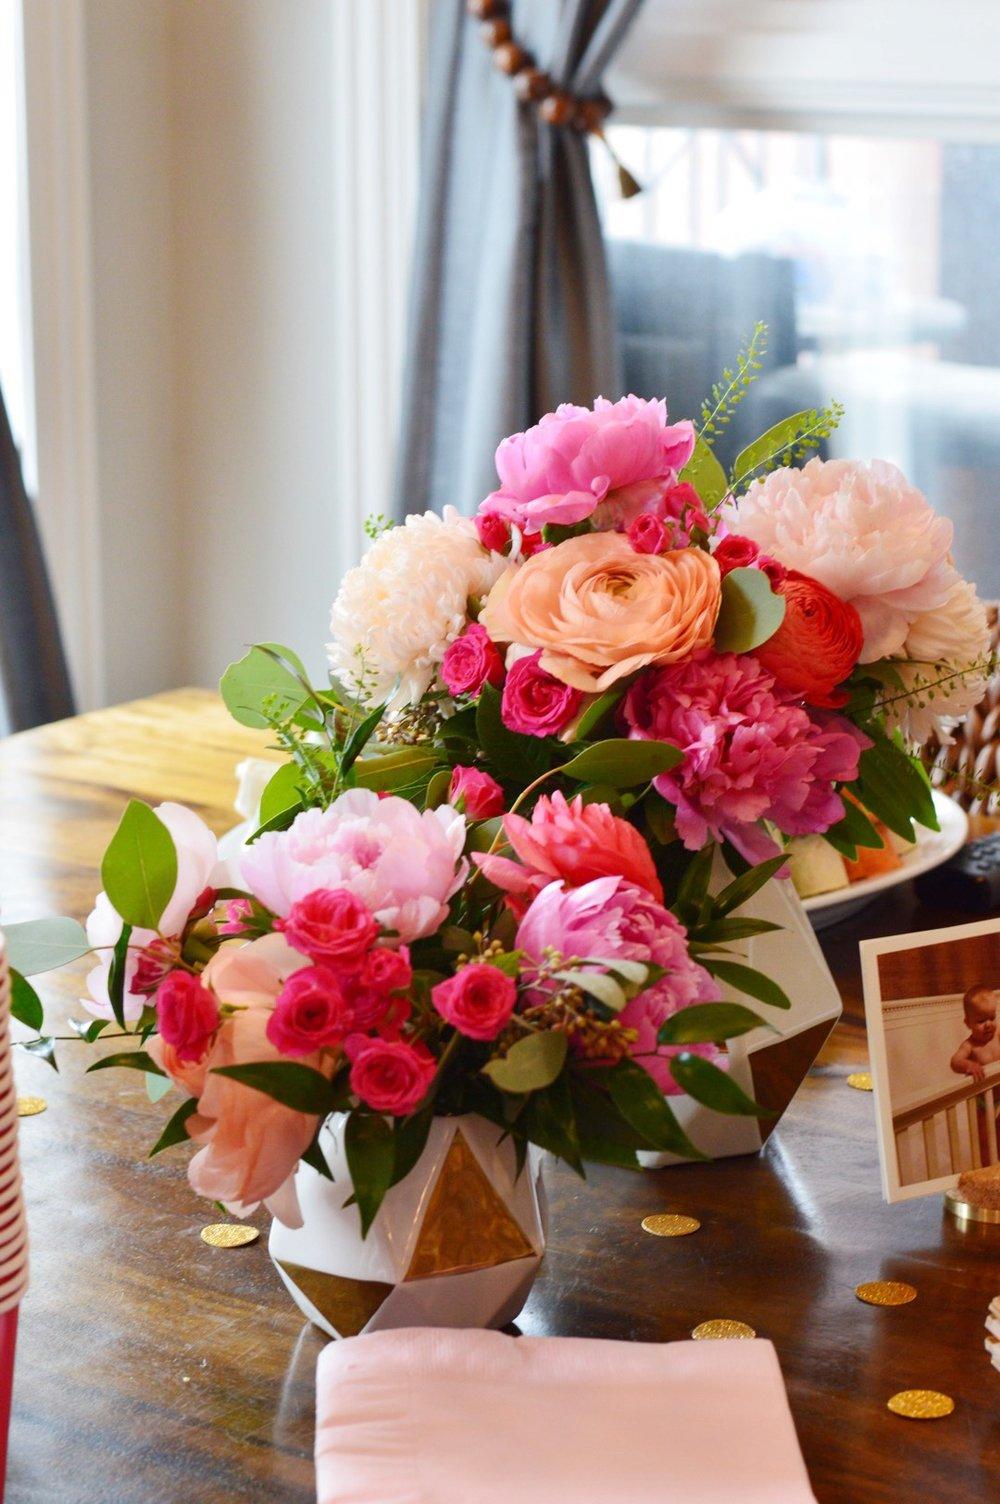 Bright Birthday Floral Arrangement